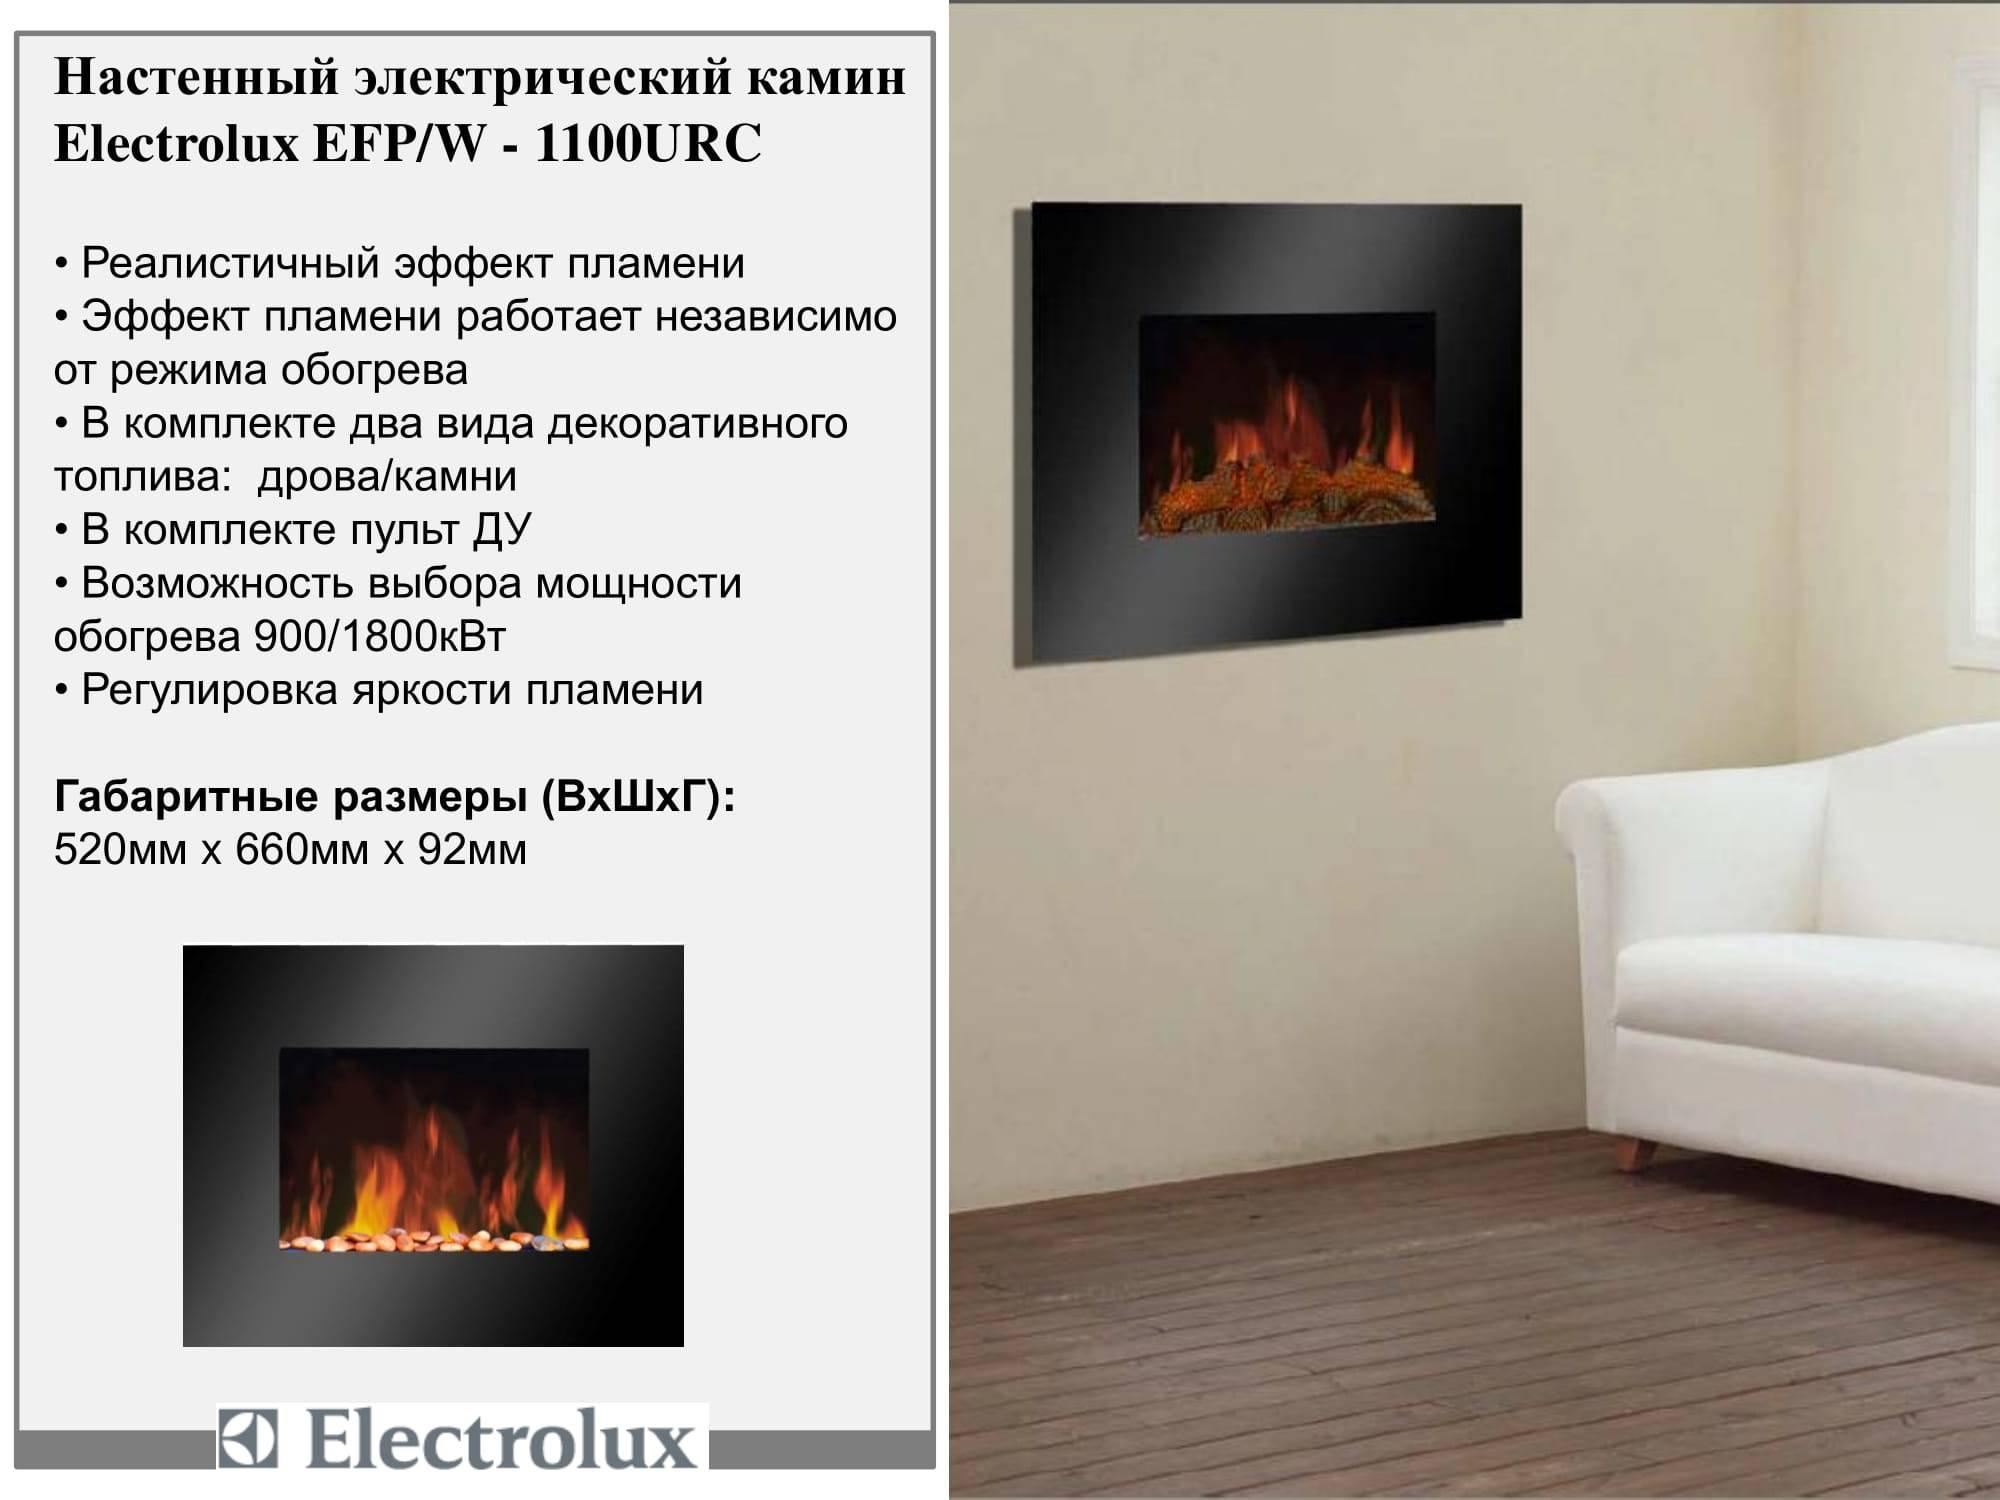 Подробные характеристики камина электролюкс - iqelectro.ru